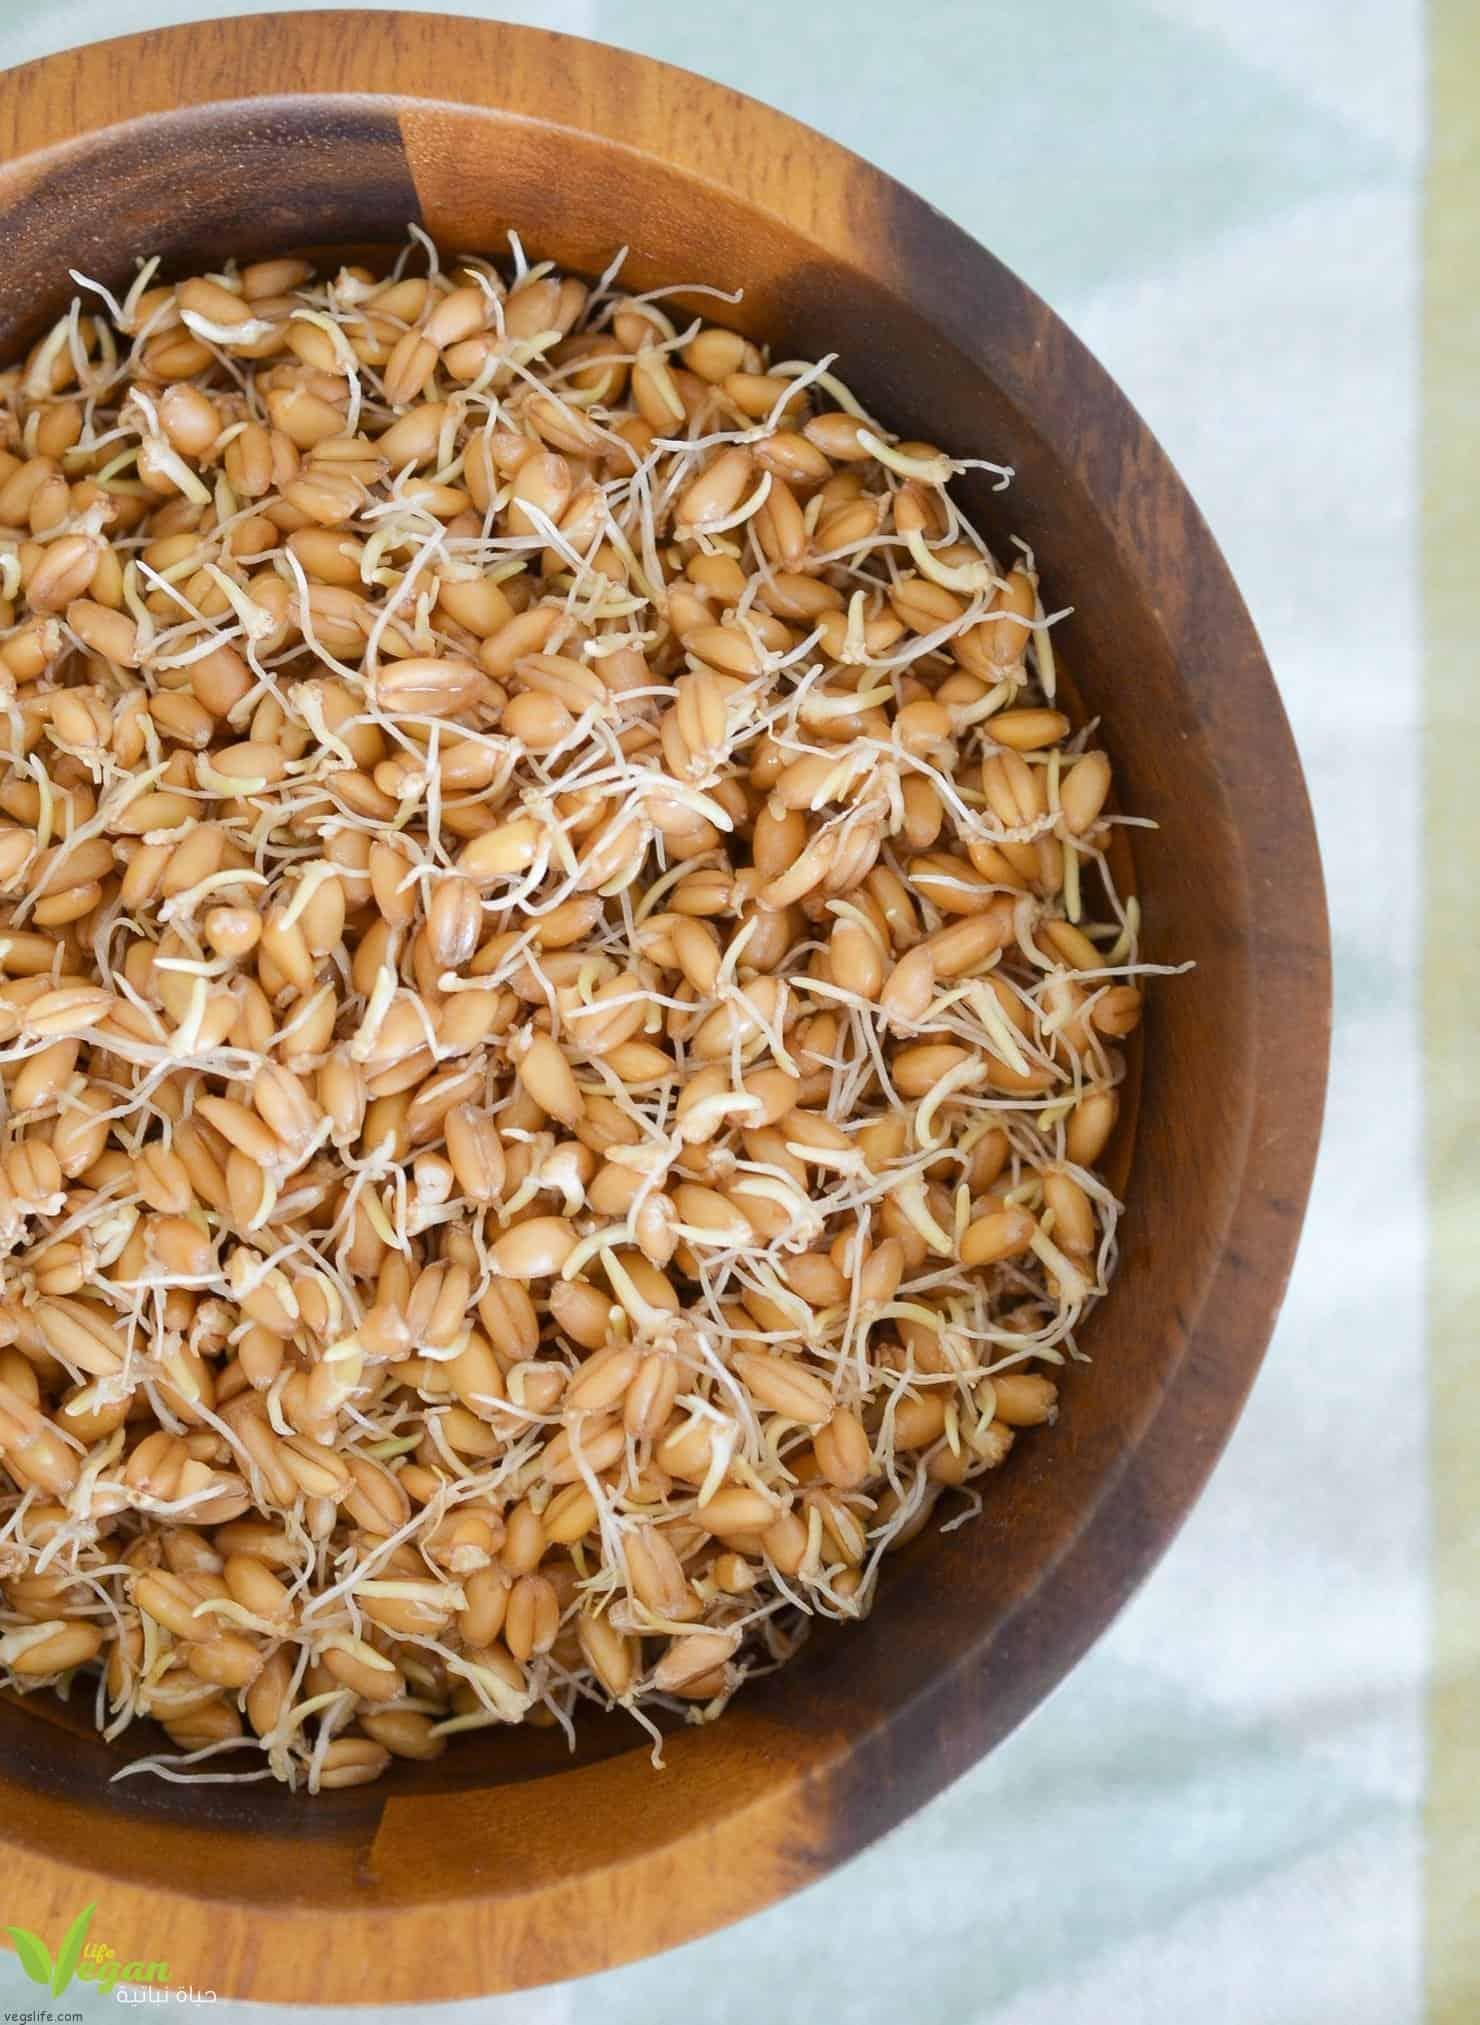 عشرة فوائد لتناول القمح المبرعم مع طريقة تحضيره.